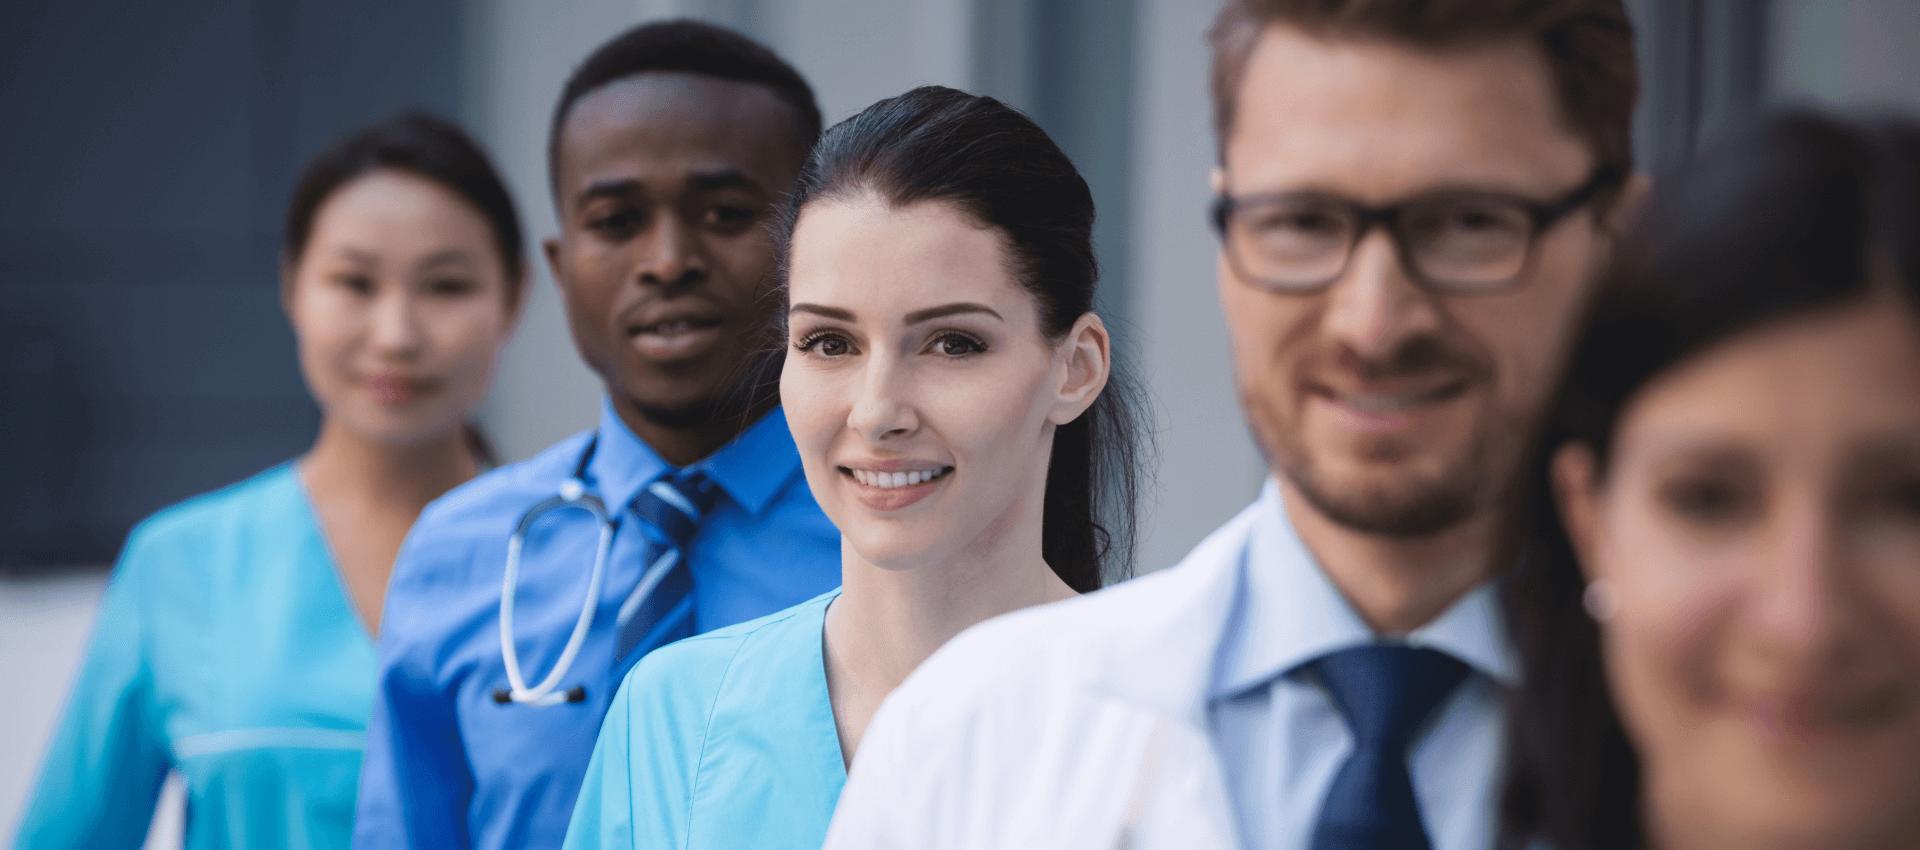 Paziente Bariatrico: perché affidarsi a un'equipe multidisciplinare